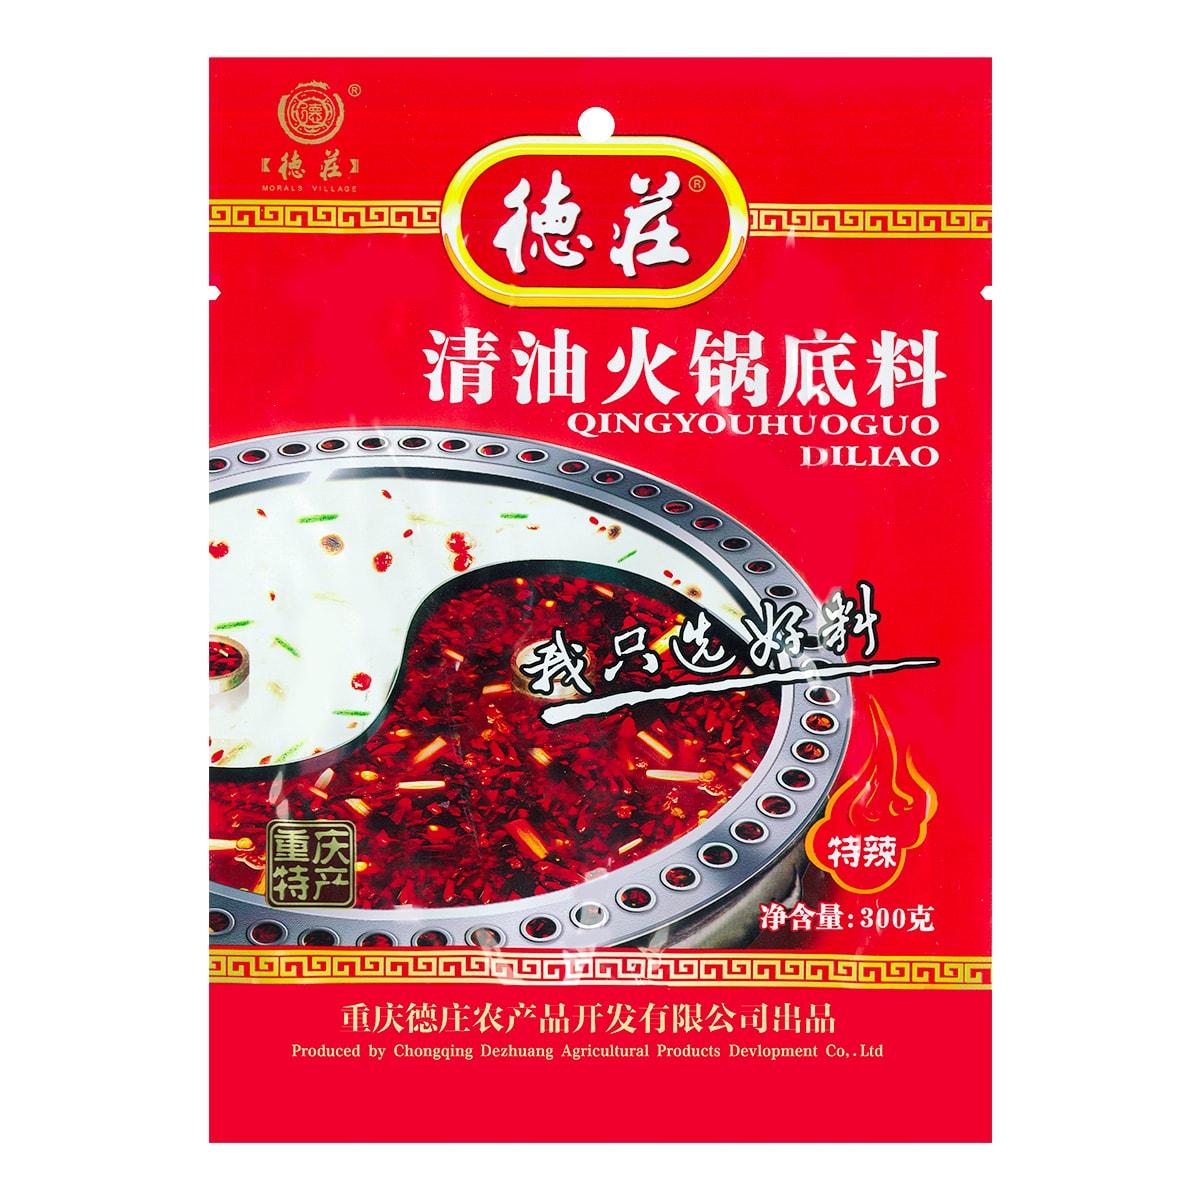 德庄 清油火锅底料 特辣 300g 重庆特产